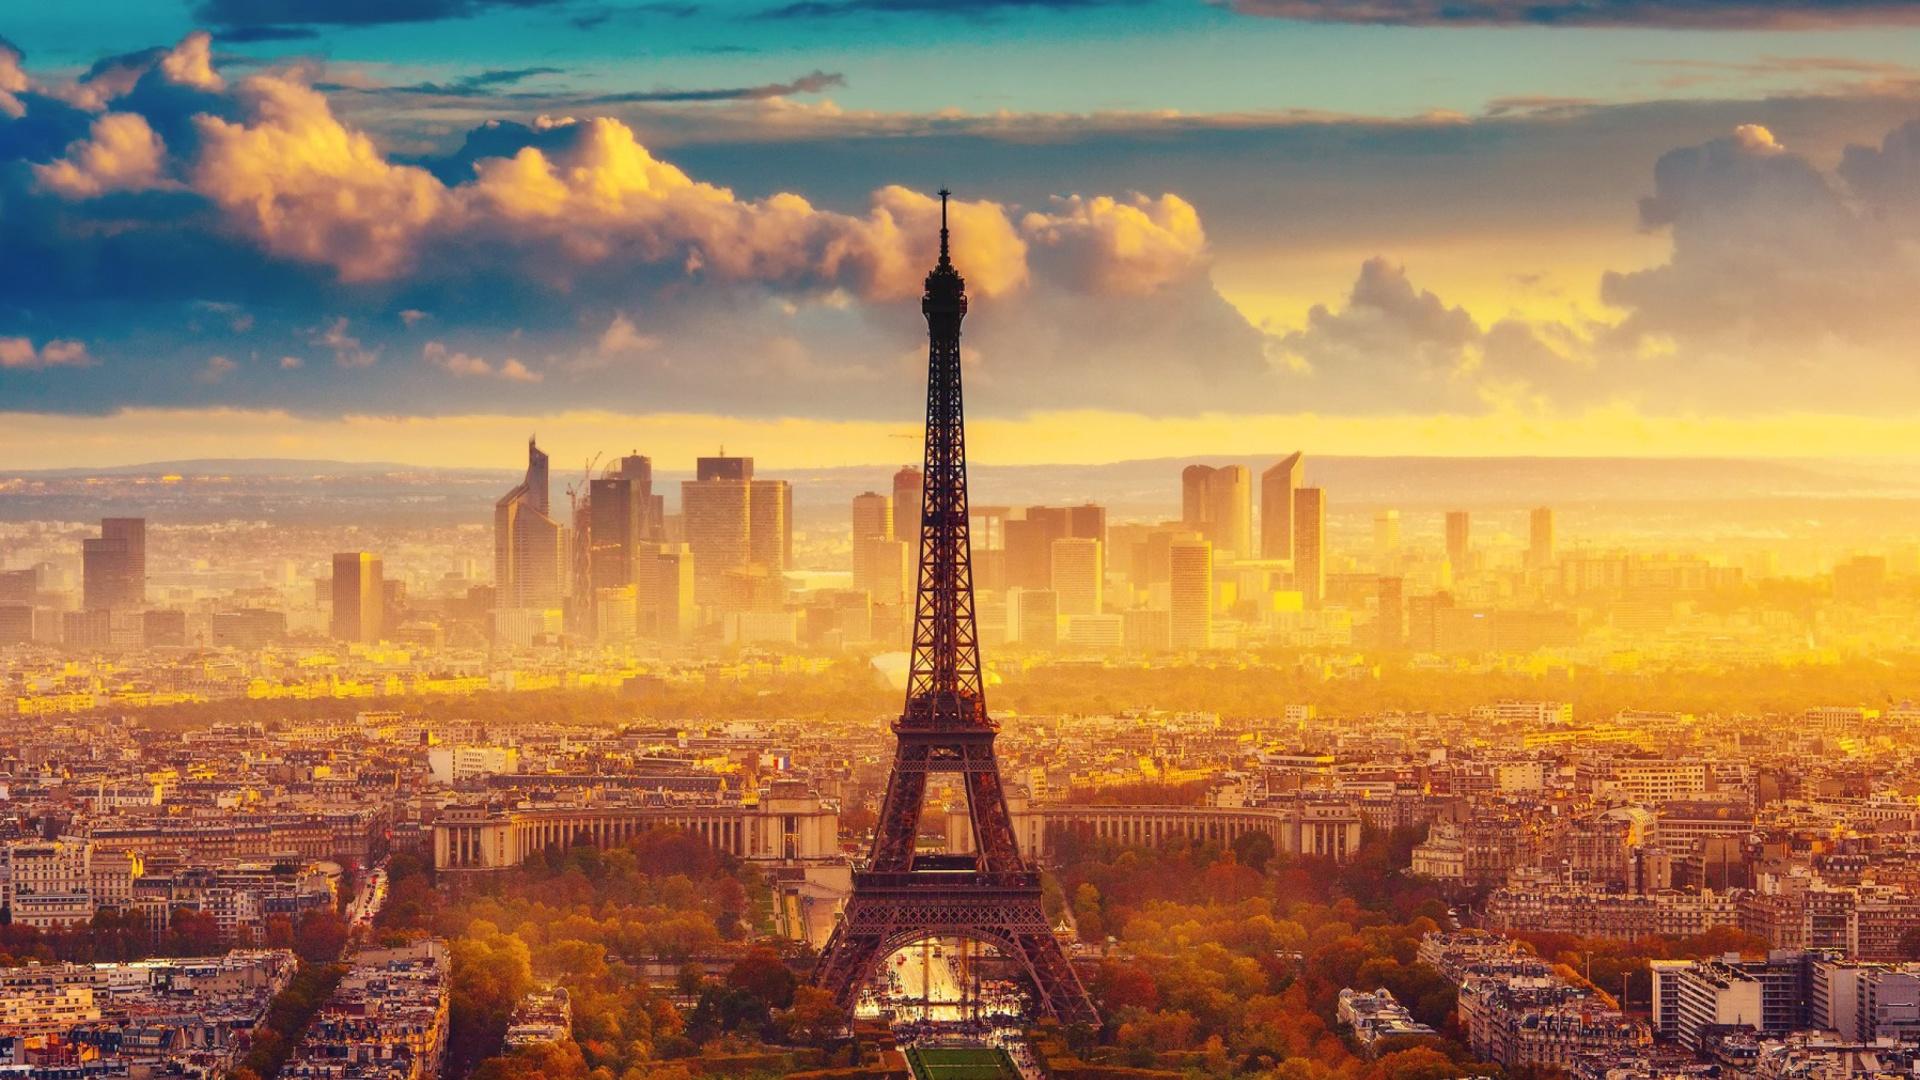 Paris skyscrapers in la defense fondos de pantalla for Fondos de escritorio full hd